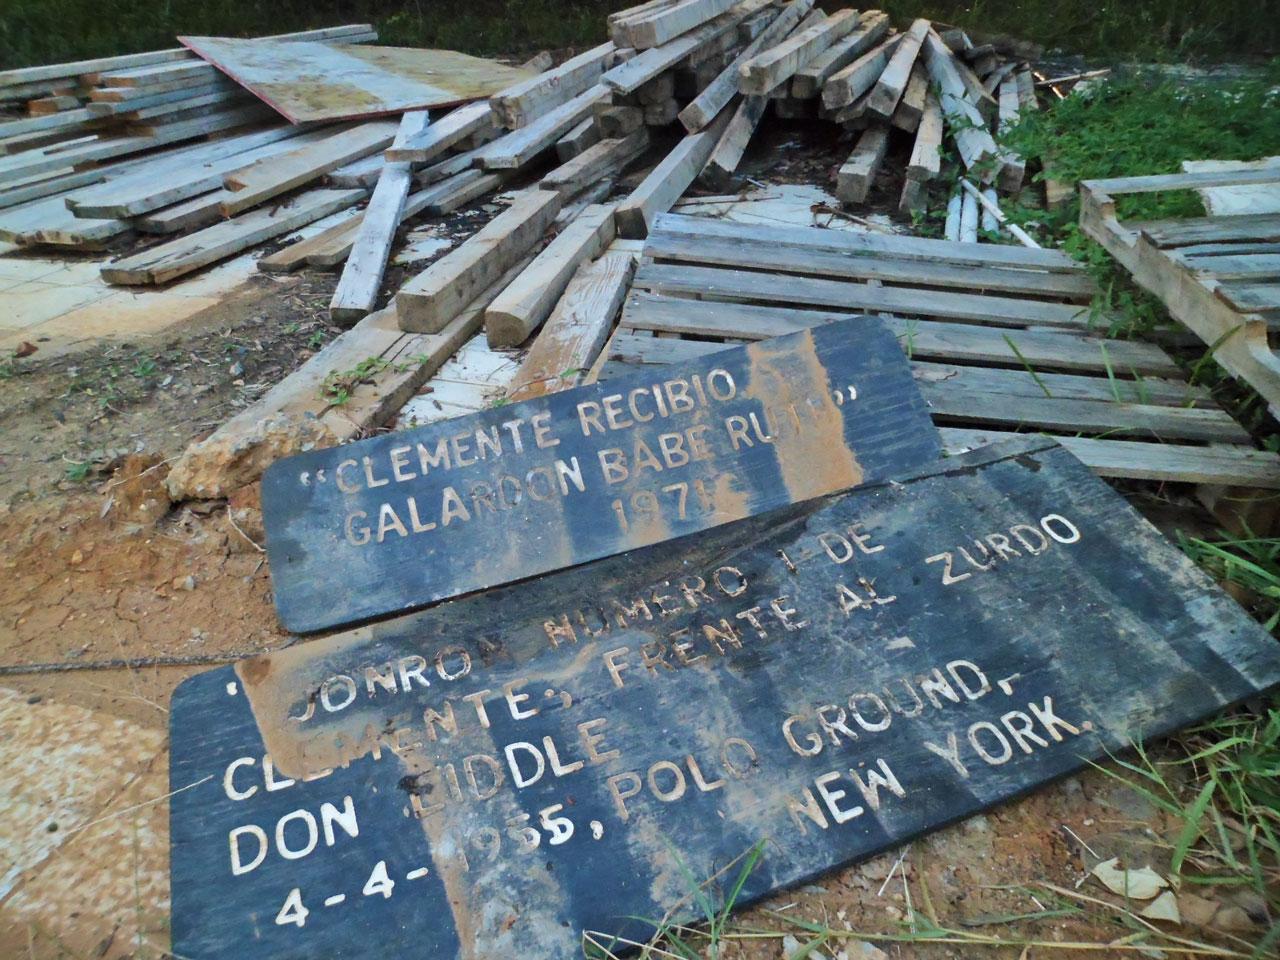 Memorabilia tirada en el piso de la Ciudad Deportiva Roberto Clemente en Carolina, Puerto Rico.